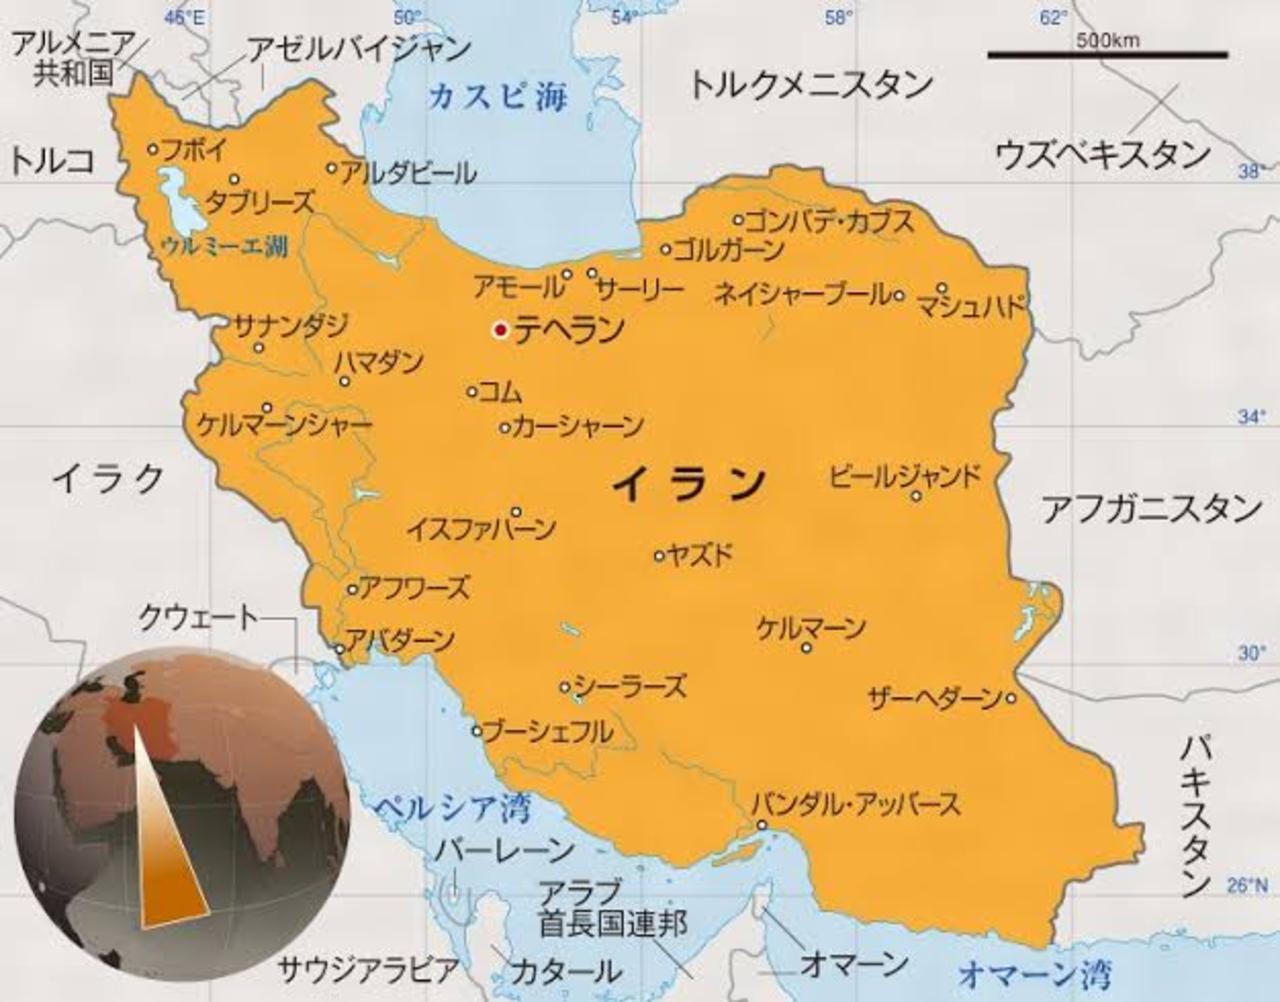 2813fafab6ff 2018年ACLファイナルとイランの旅【1】準備編』イランの旅行記・ブログ ...